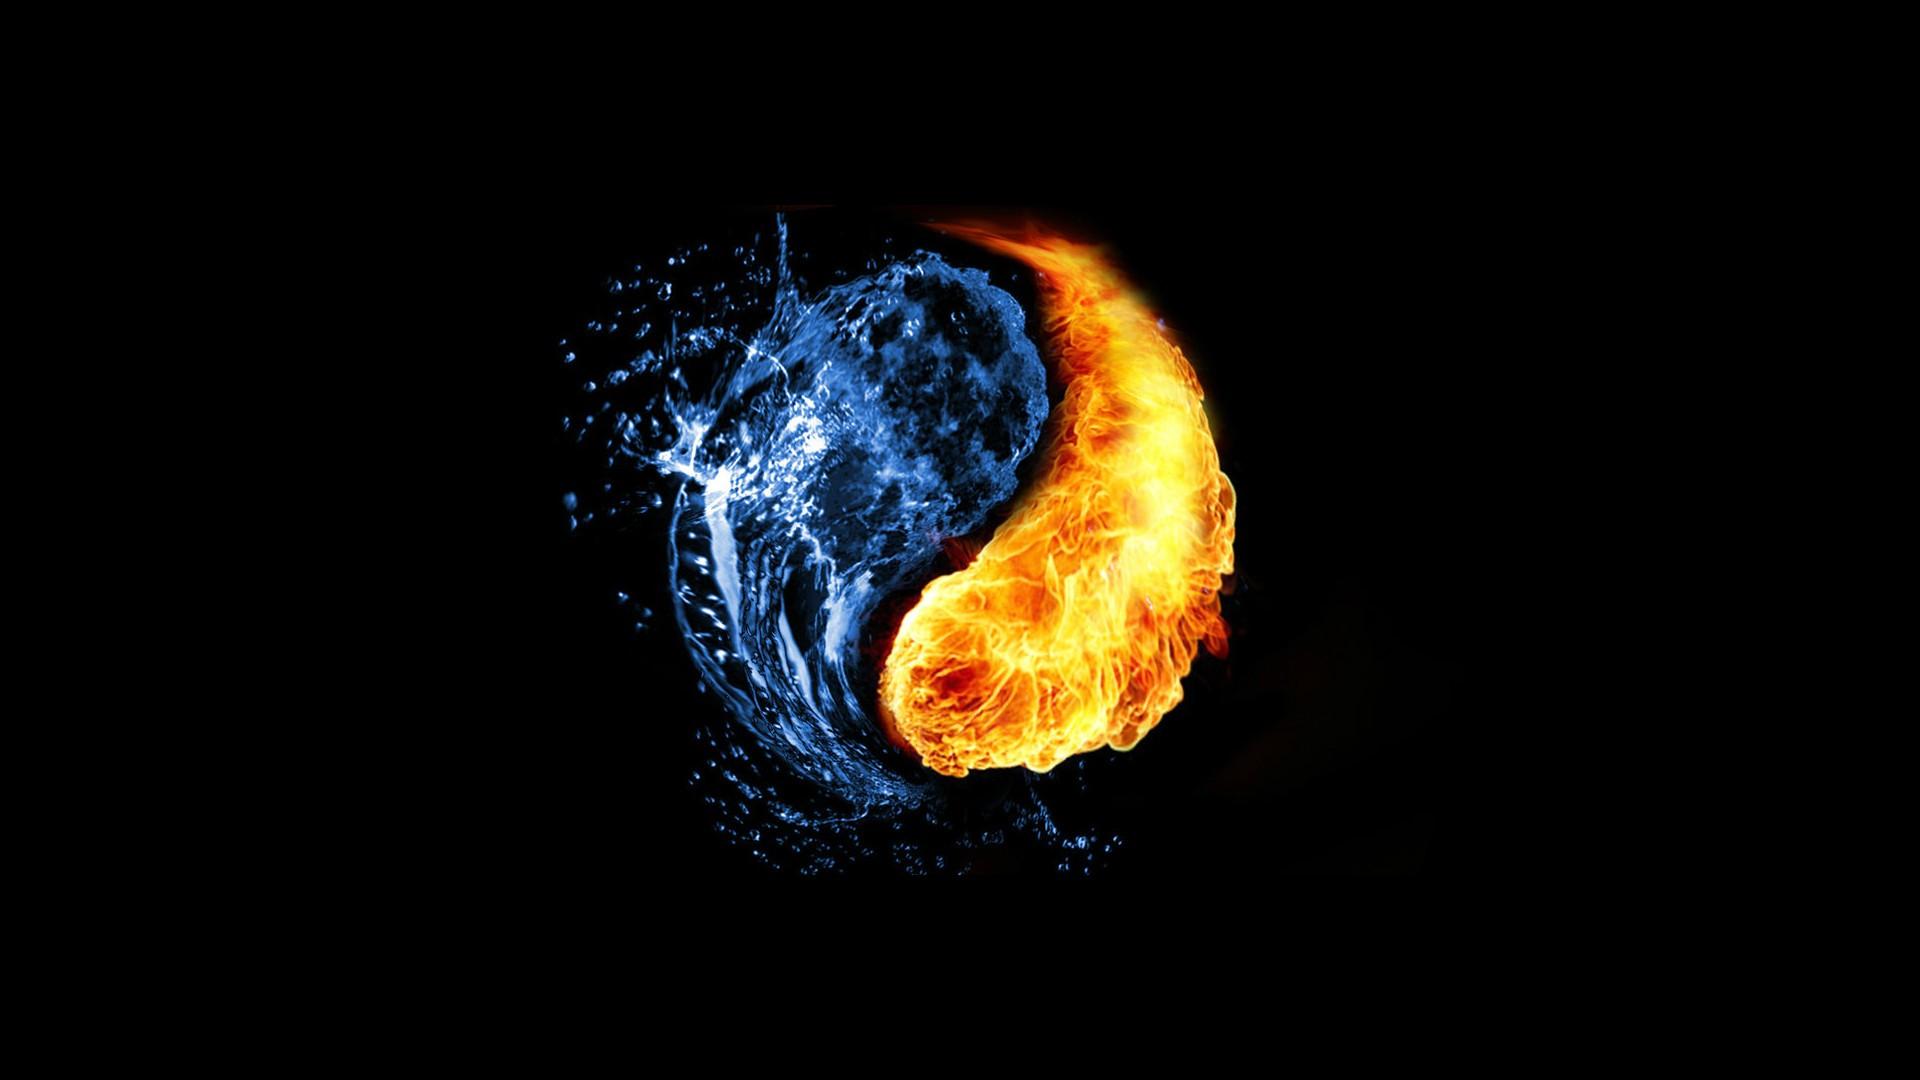 Hình nền nước và lửa cực đẹp